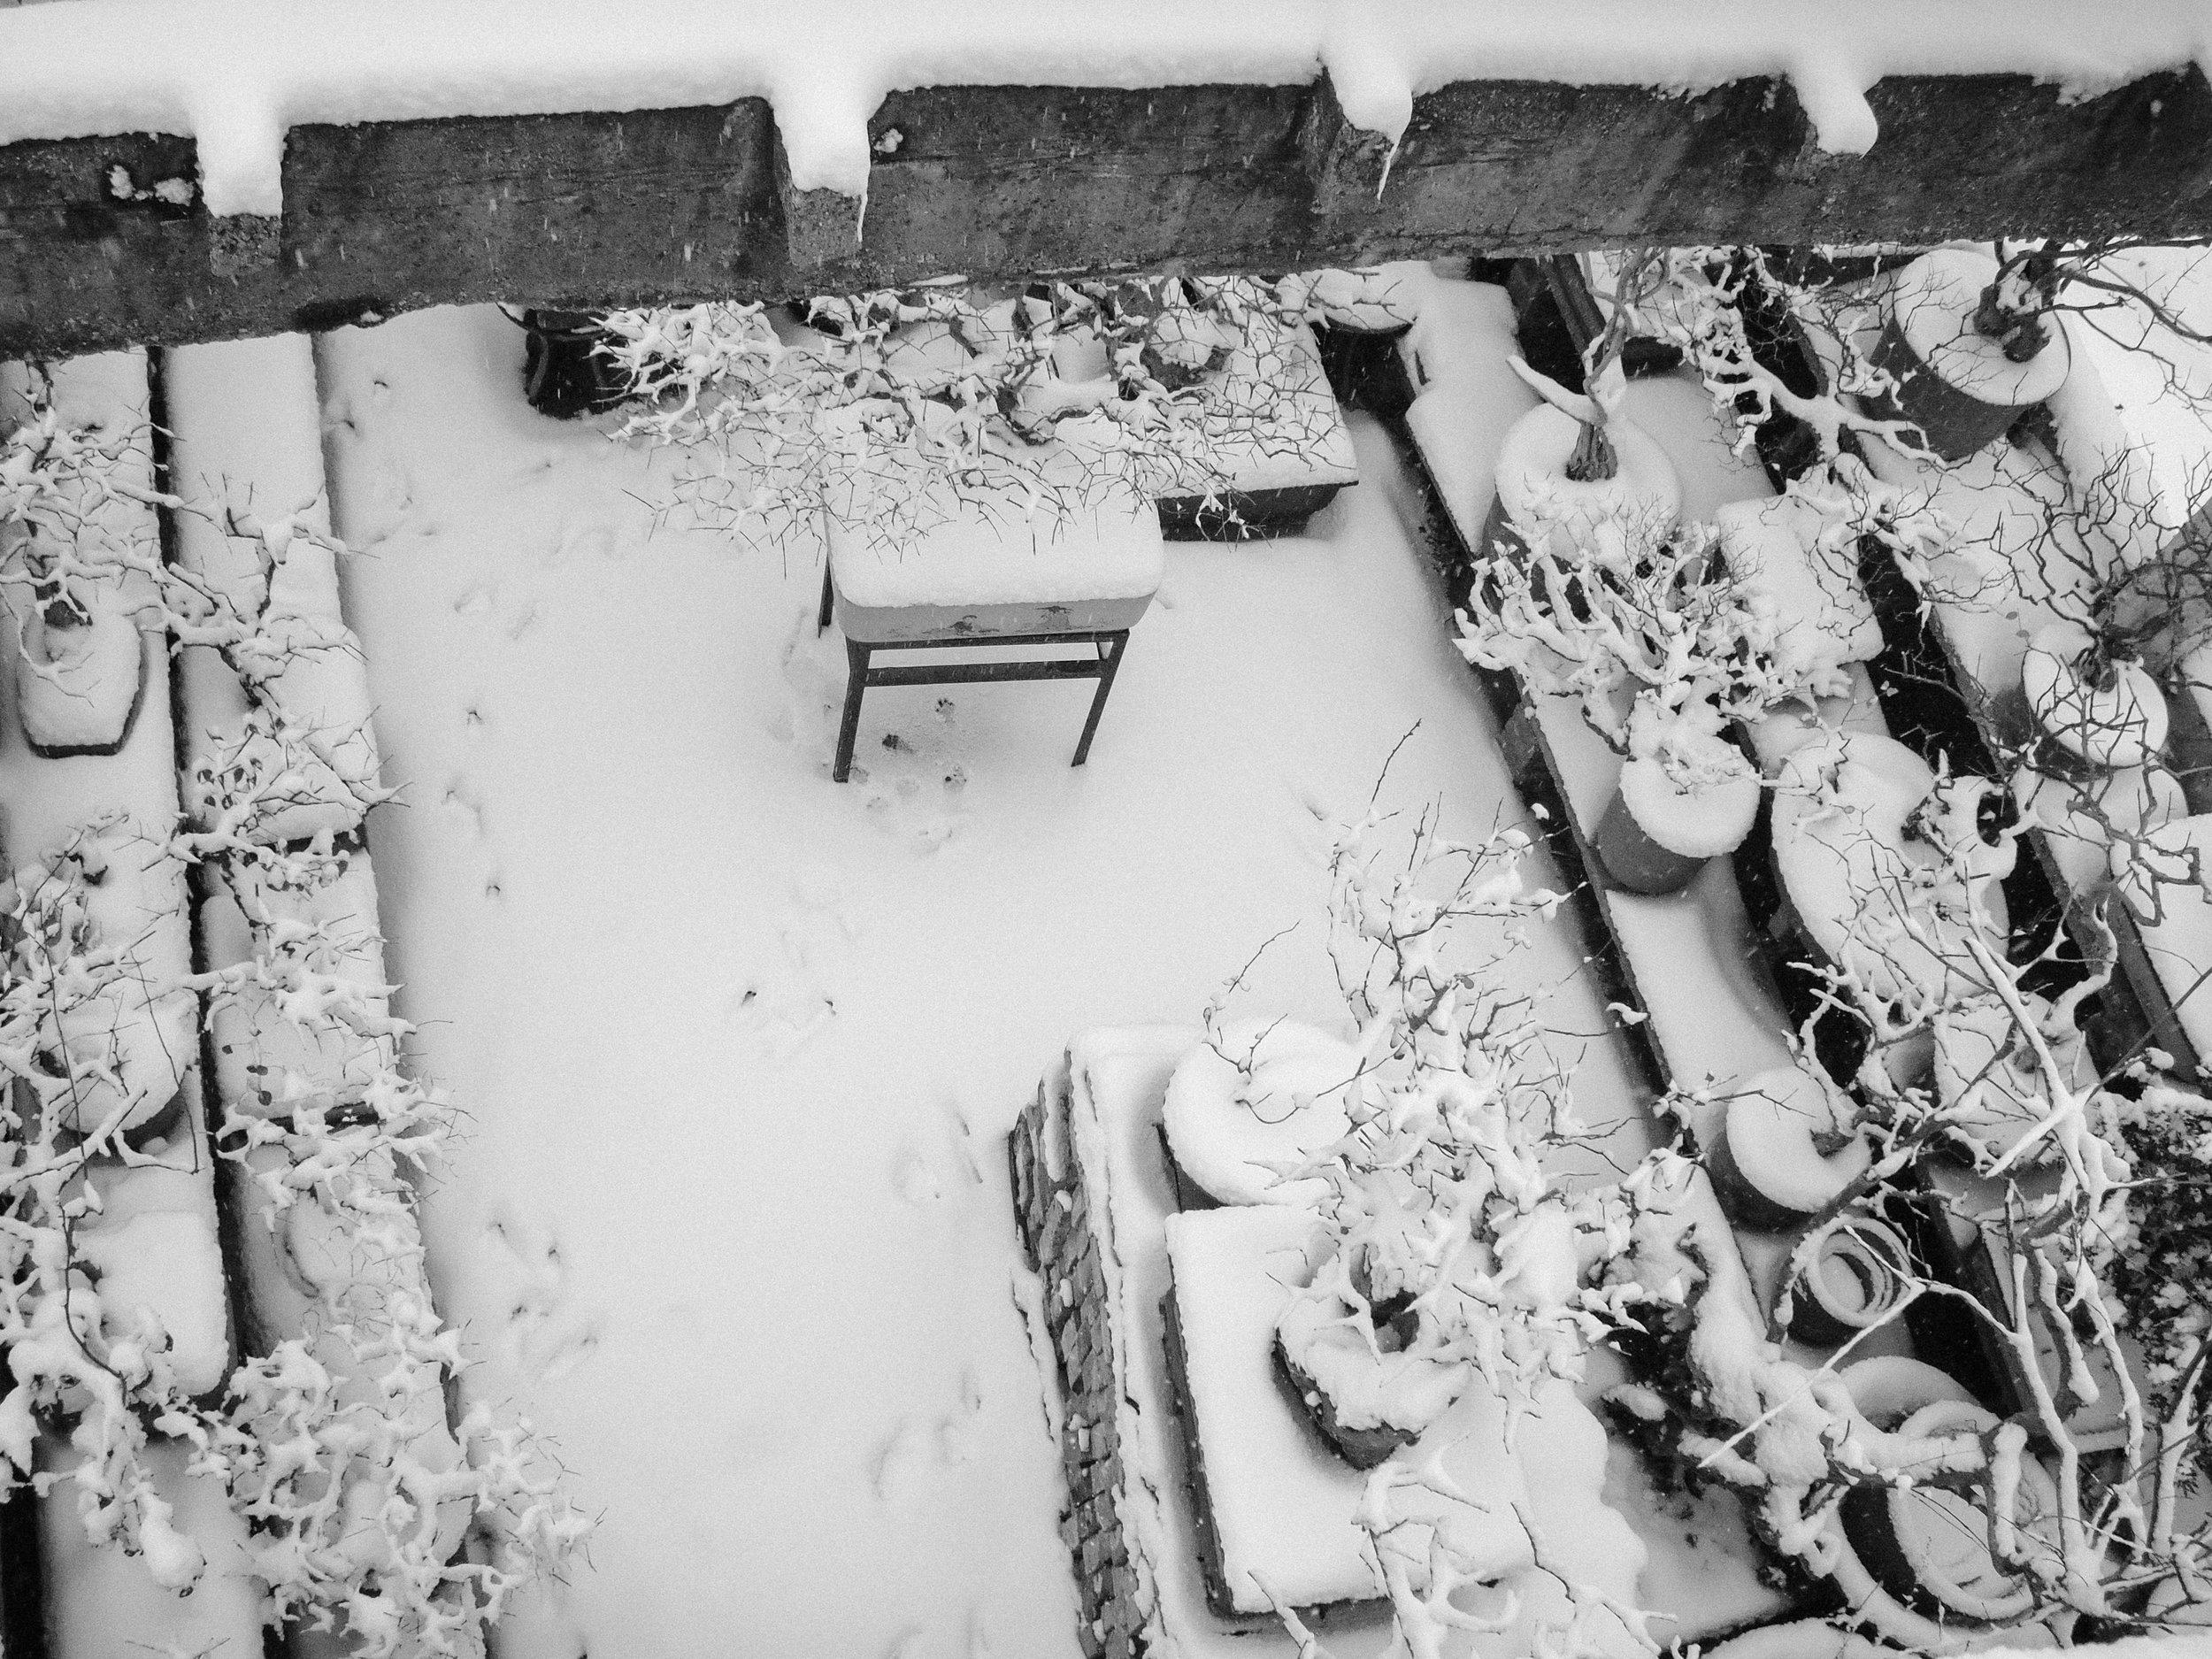 Second small garden and grandpa's bonsai in snow. 2011